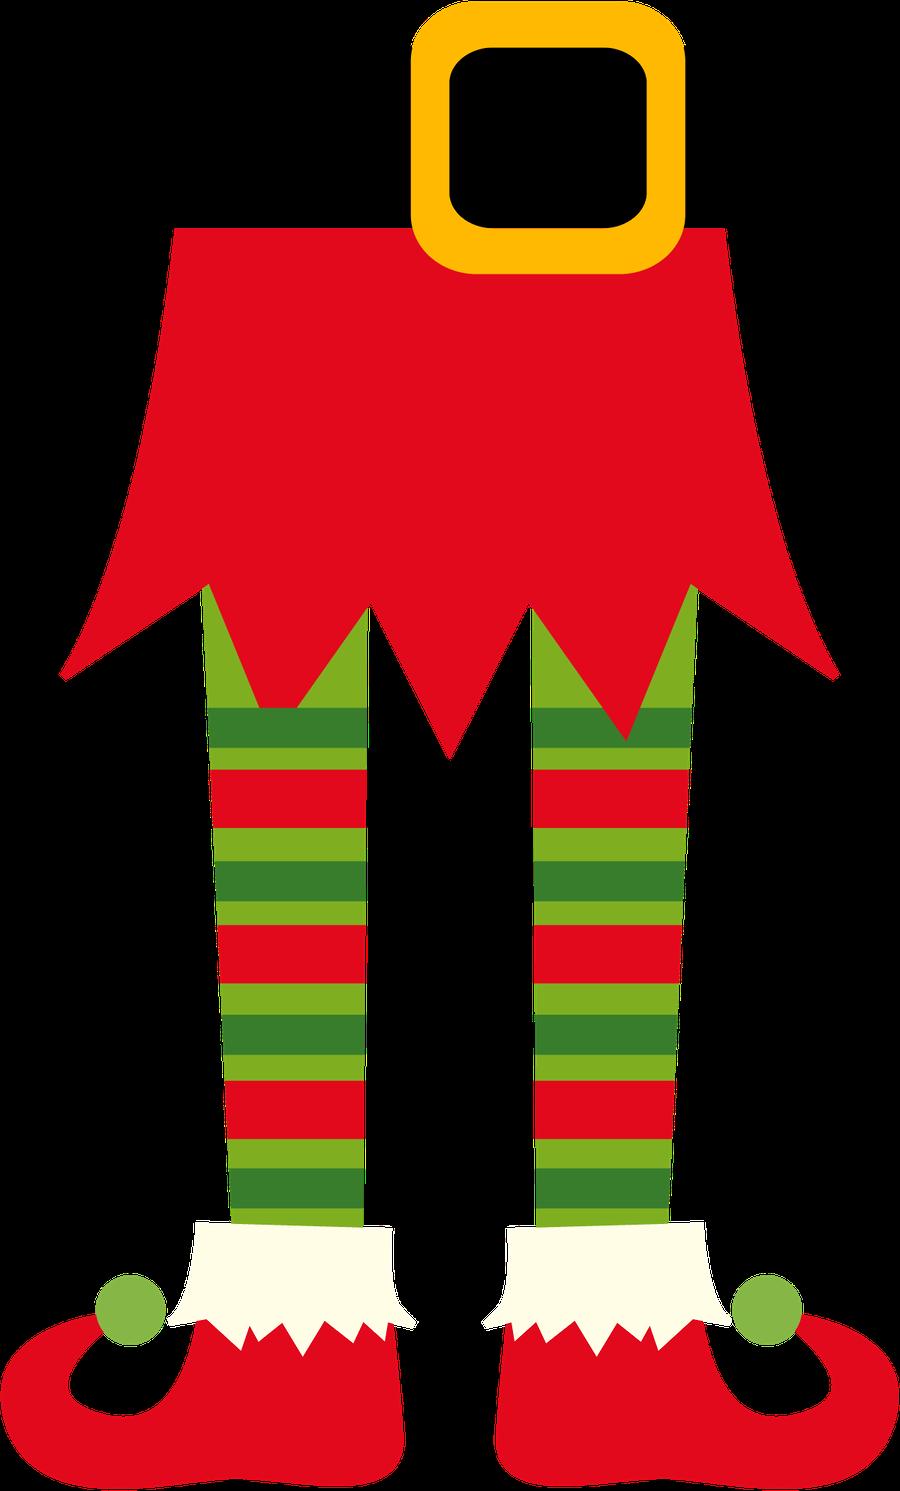 Mittens clipart elf. Christmas clip art